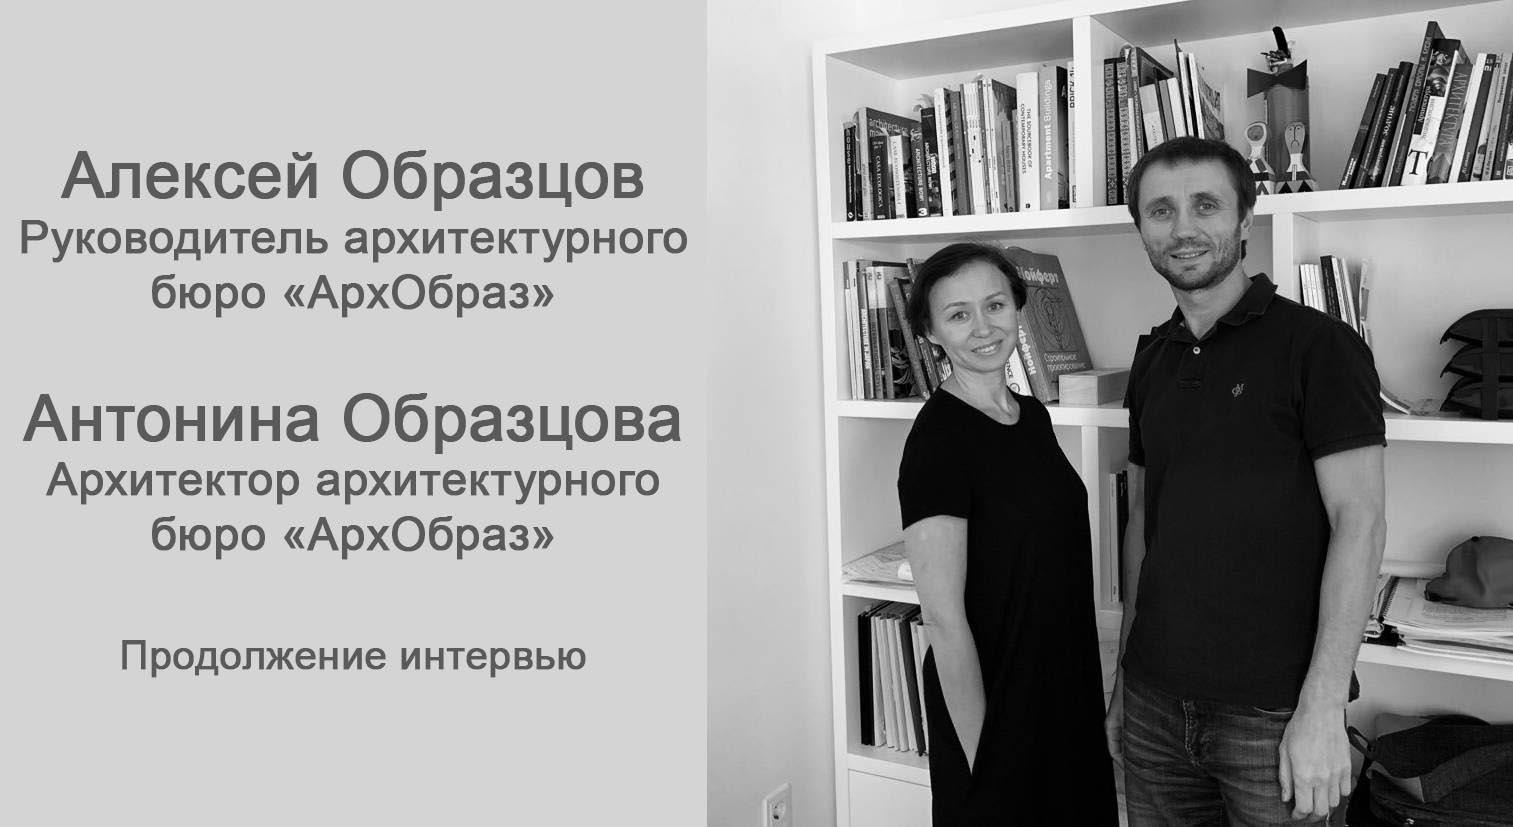 Інтерв'ю Олексія Образцова і Антоніни Образцової (архітектурне бюро «АрхОбраз») бренду DAVIS CASA. Частина 2